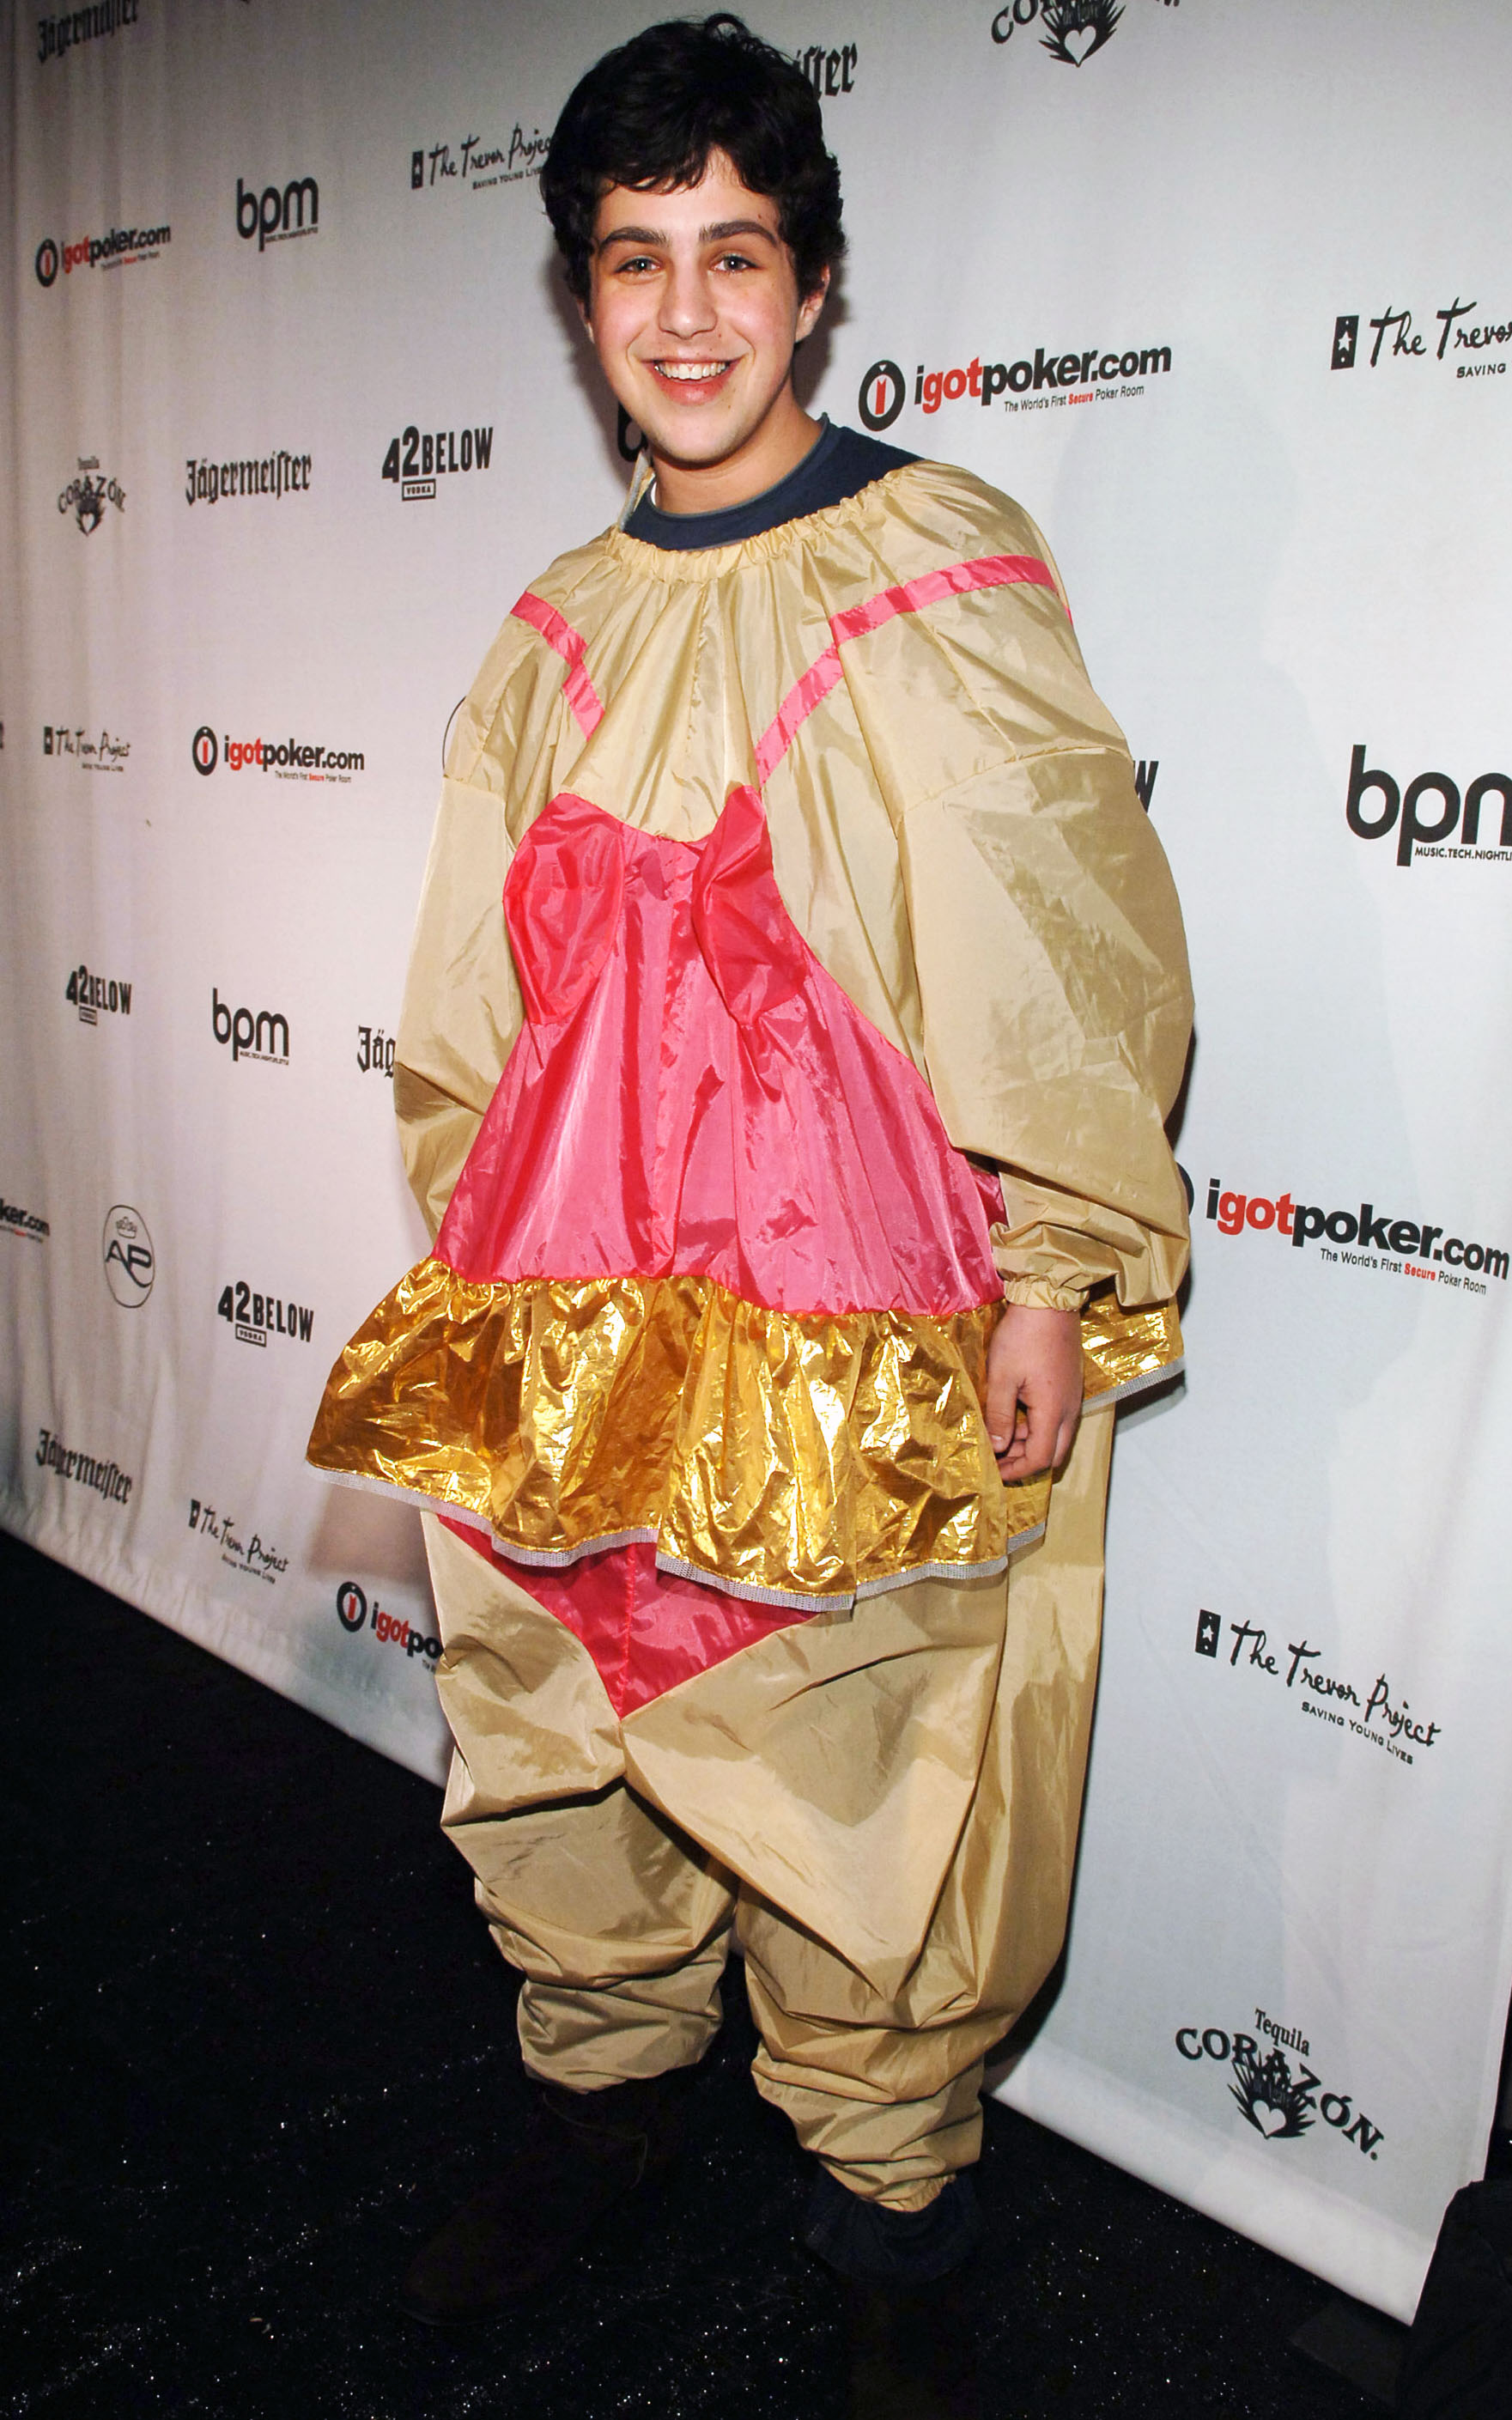 josh-peck-costume-2005